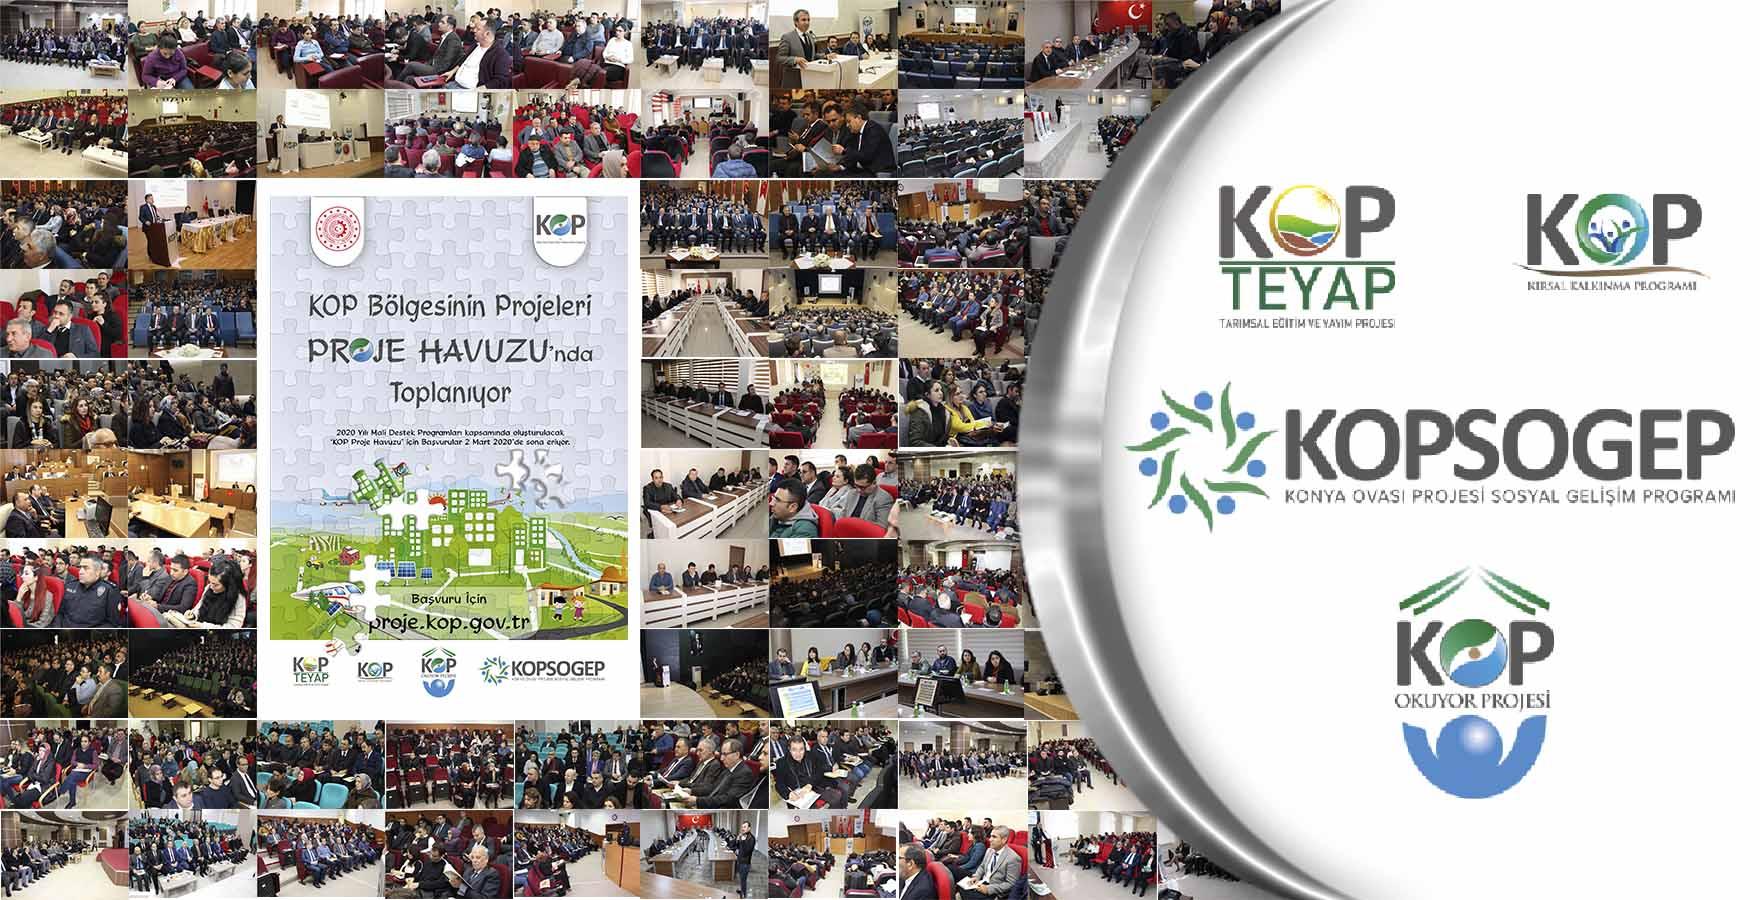 KOP İdaresi Bölgenin Önceliklerine Uygun Yenilikçi Projeleri Destekleyecek